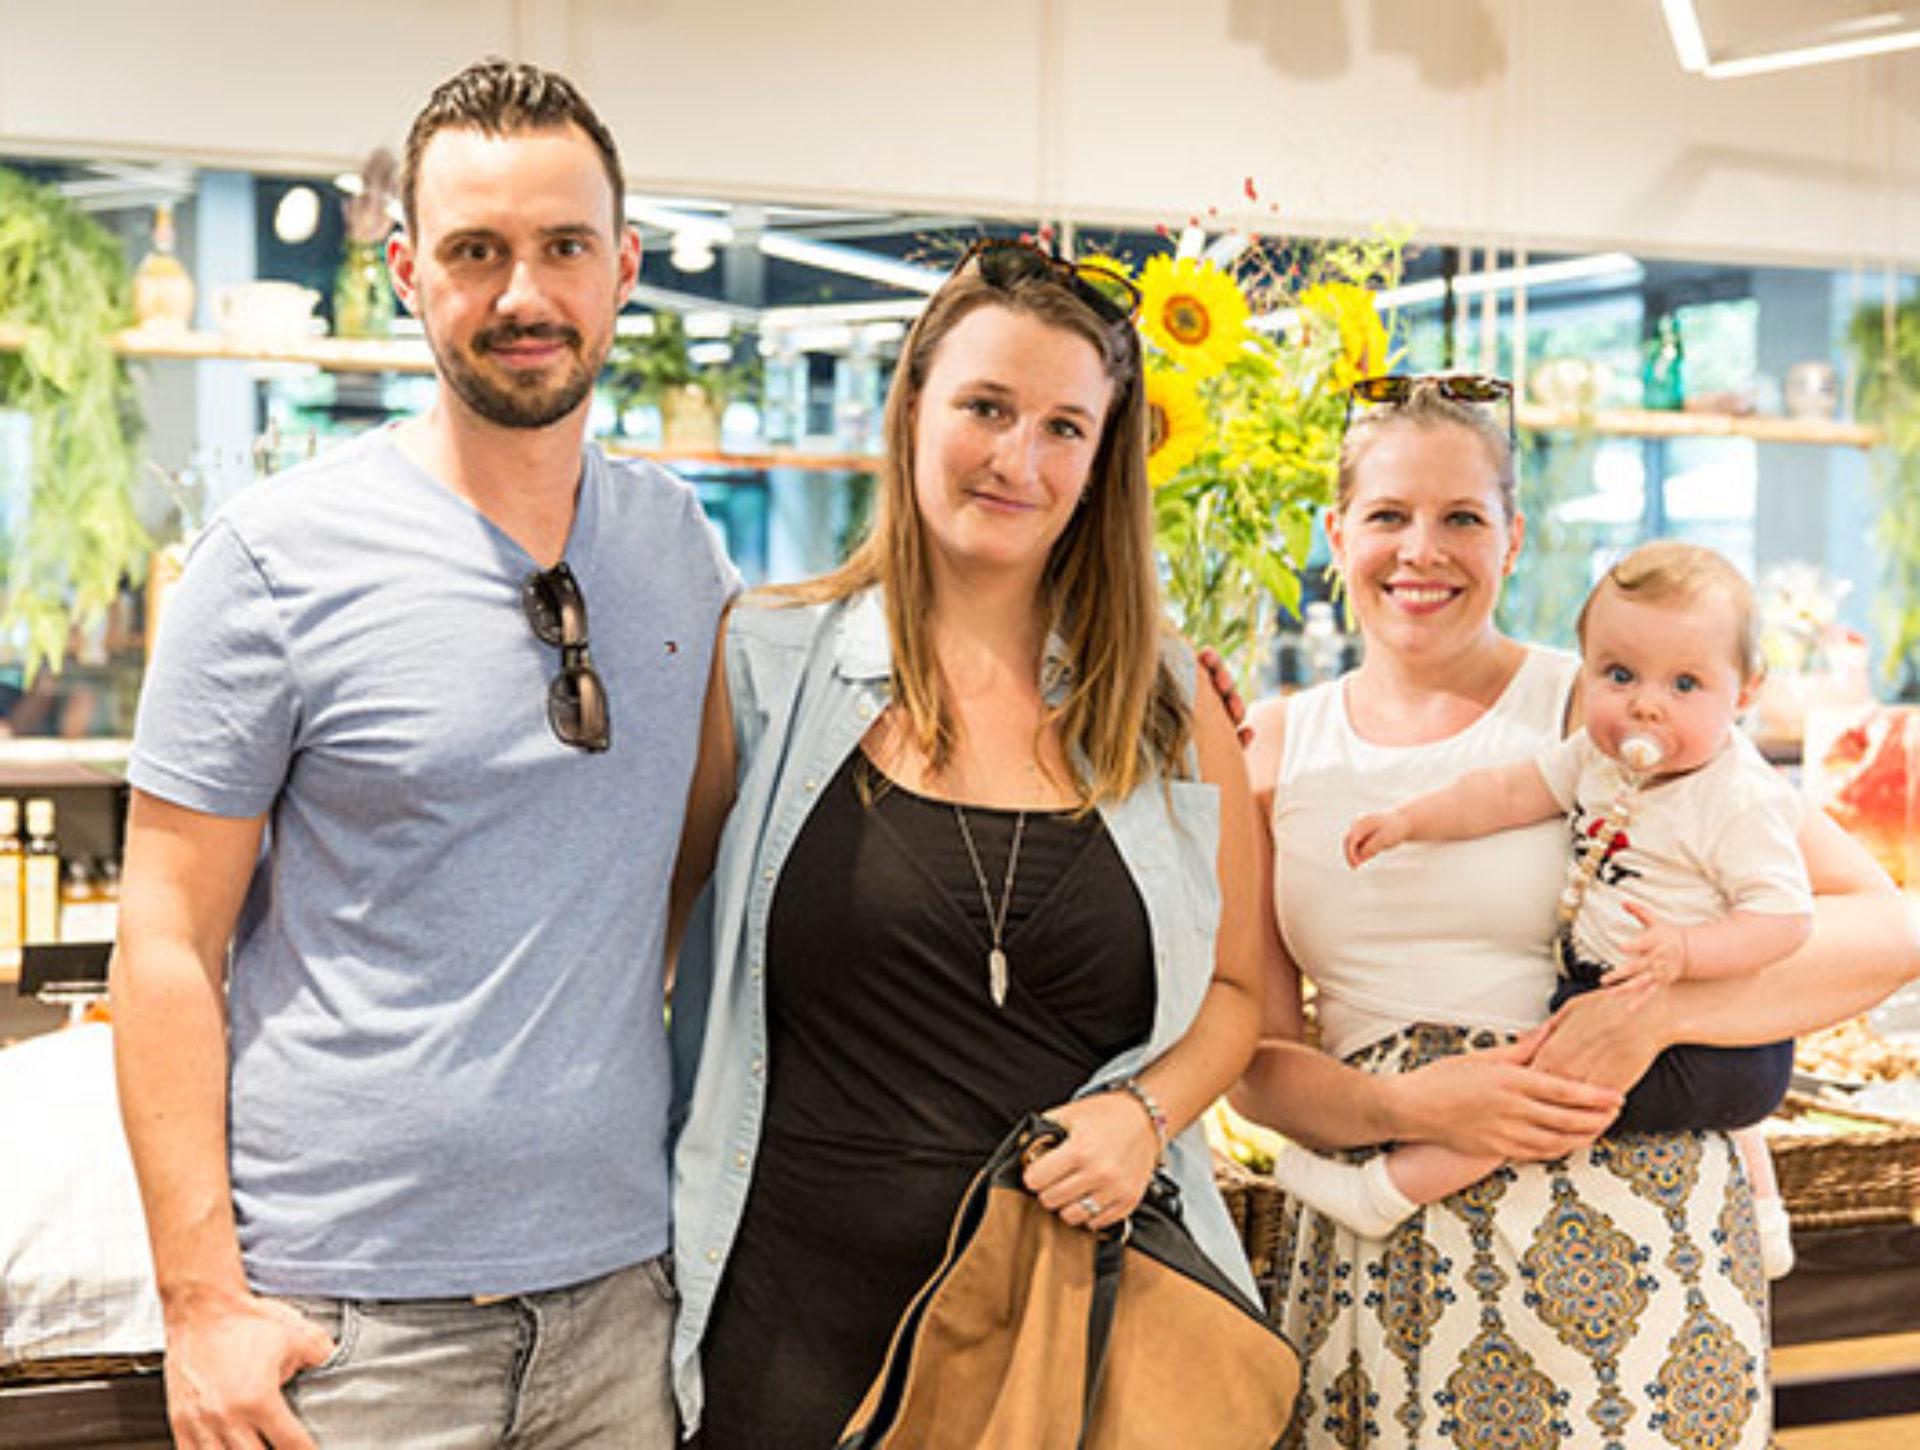 Marco Caprez, Laura Schumacher, Viviane Caprez mit Emma «Wir haben die Einladung wahrgenommen und freuen uns aufs Fest. Jetzt schauen wir uns um – Quai4, ein cooles Projekt!»